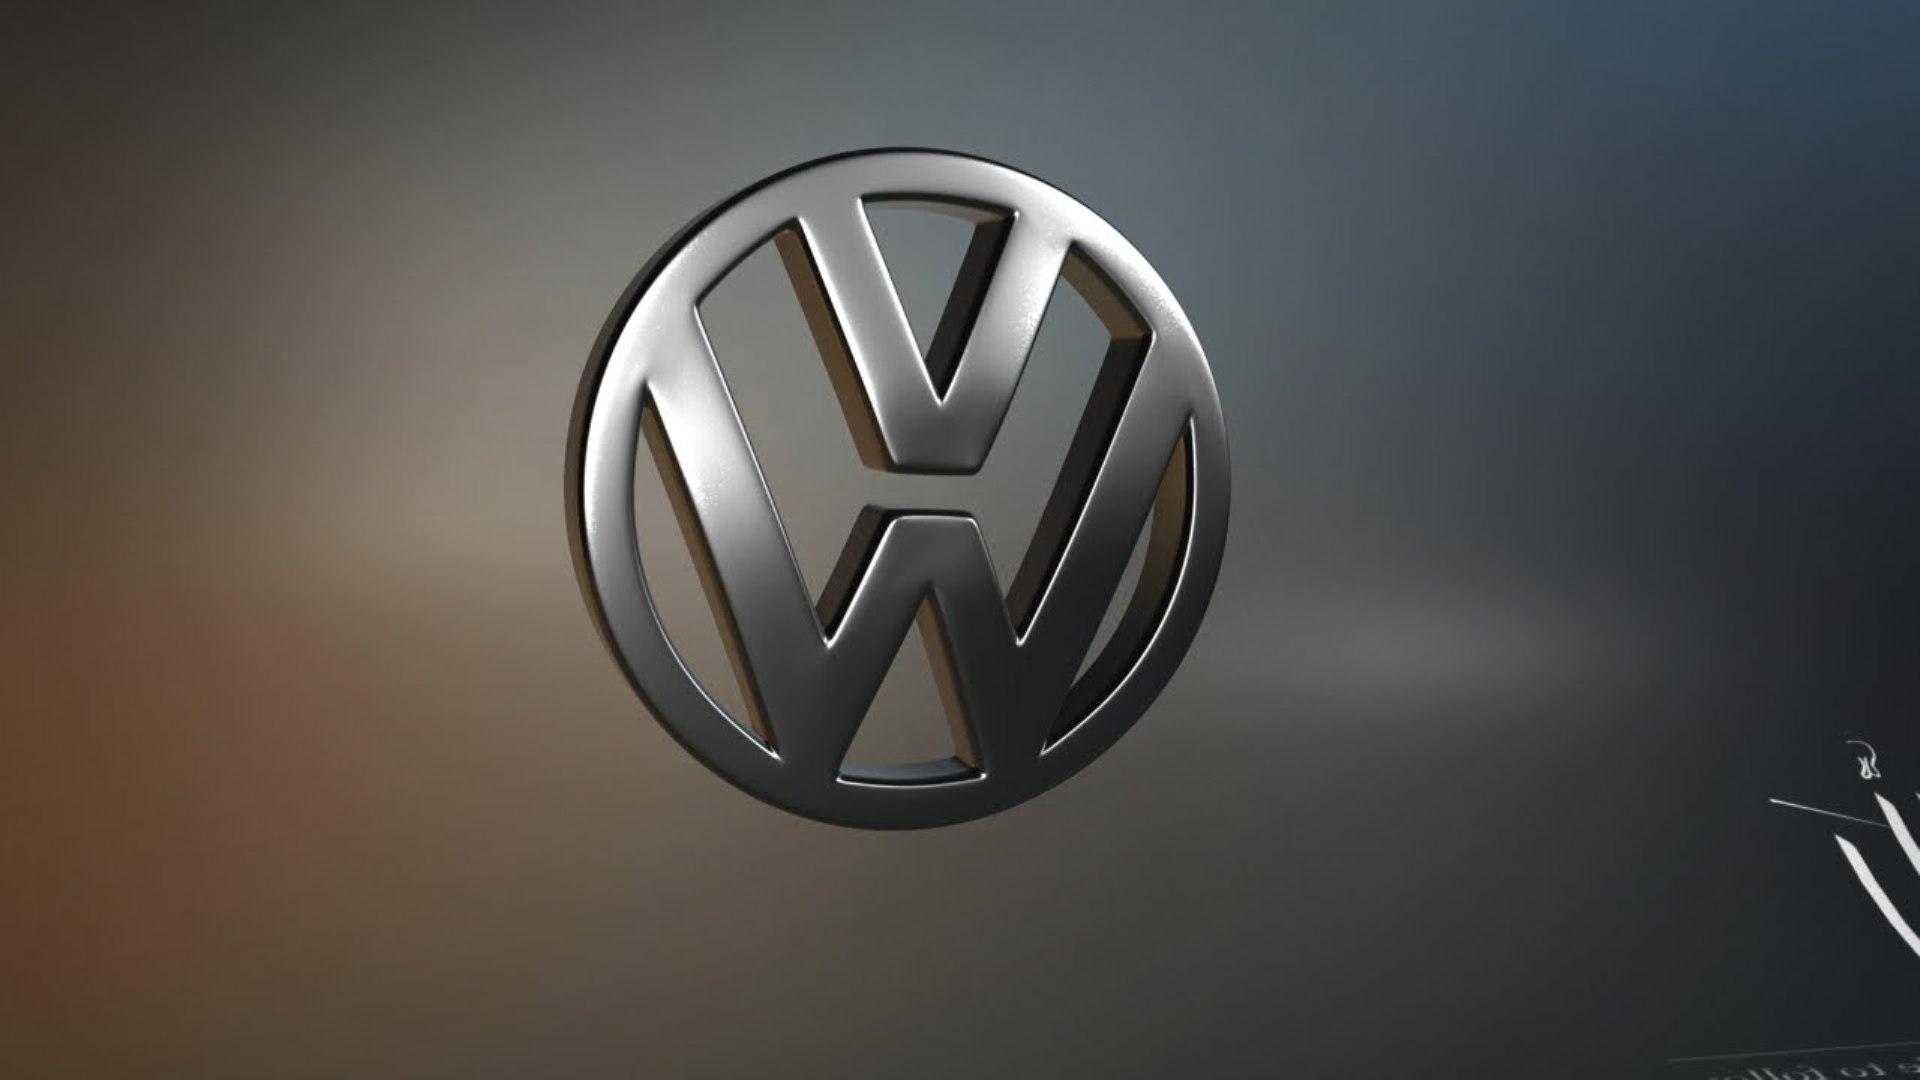 Volkswagen Wallpaper